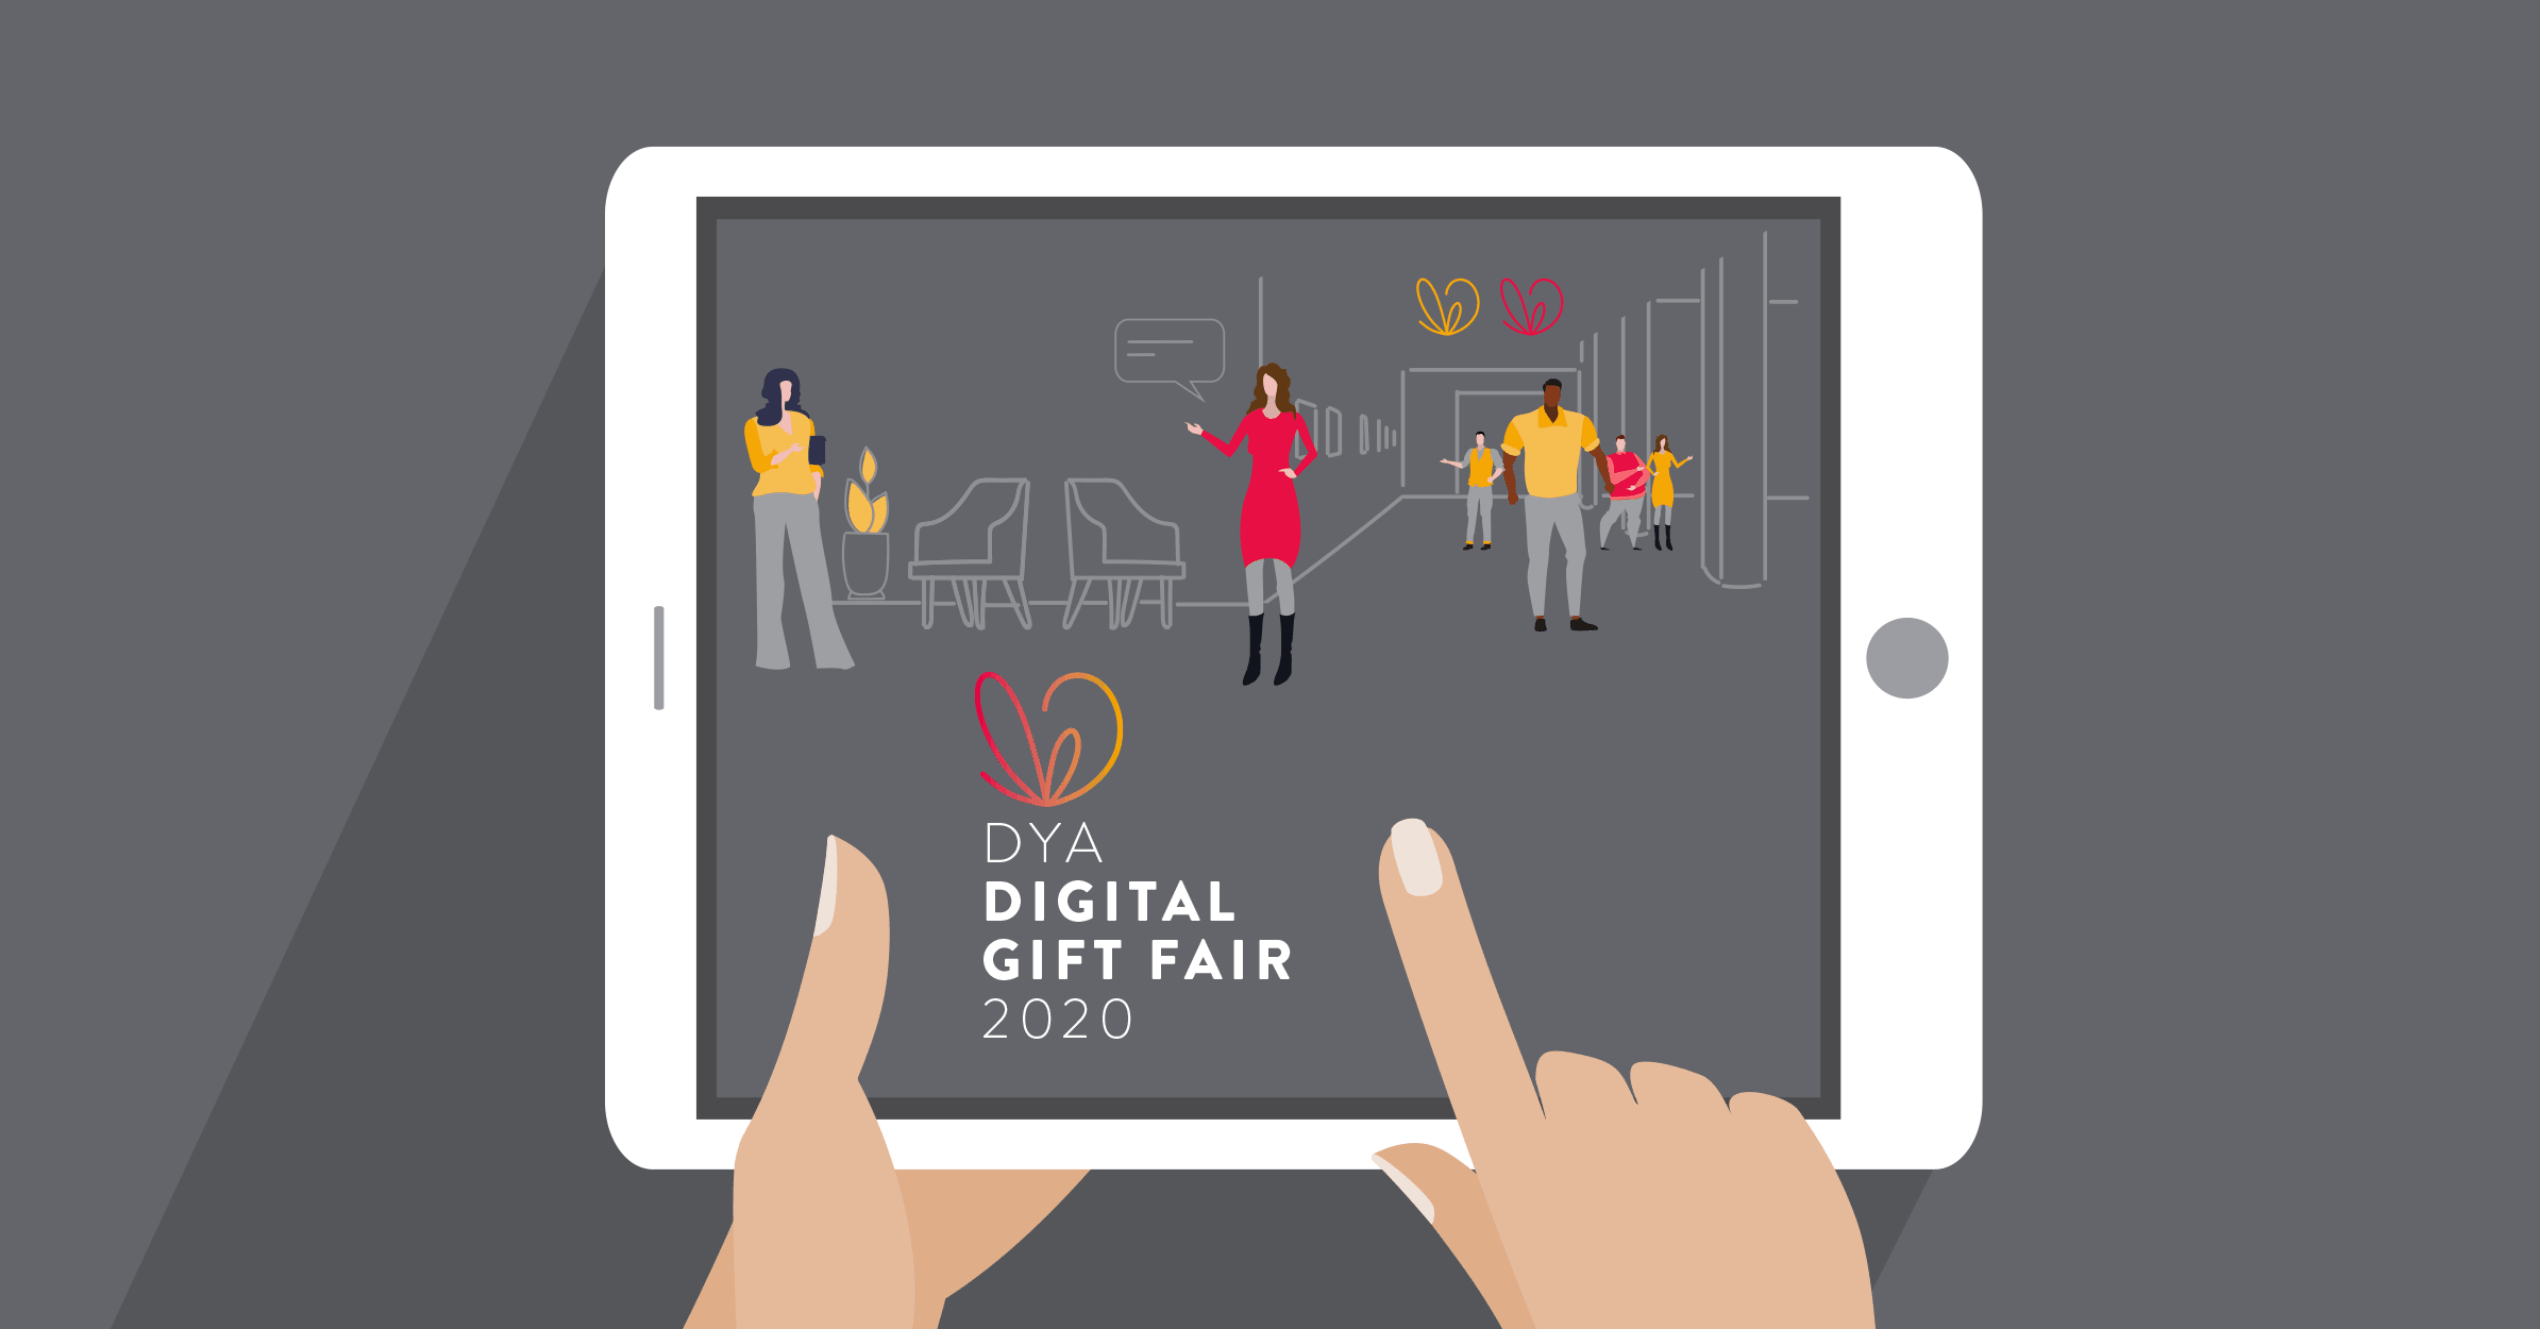 Digital Gift Fair